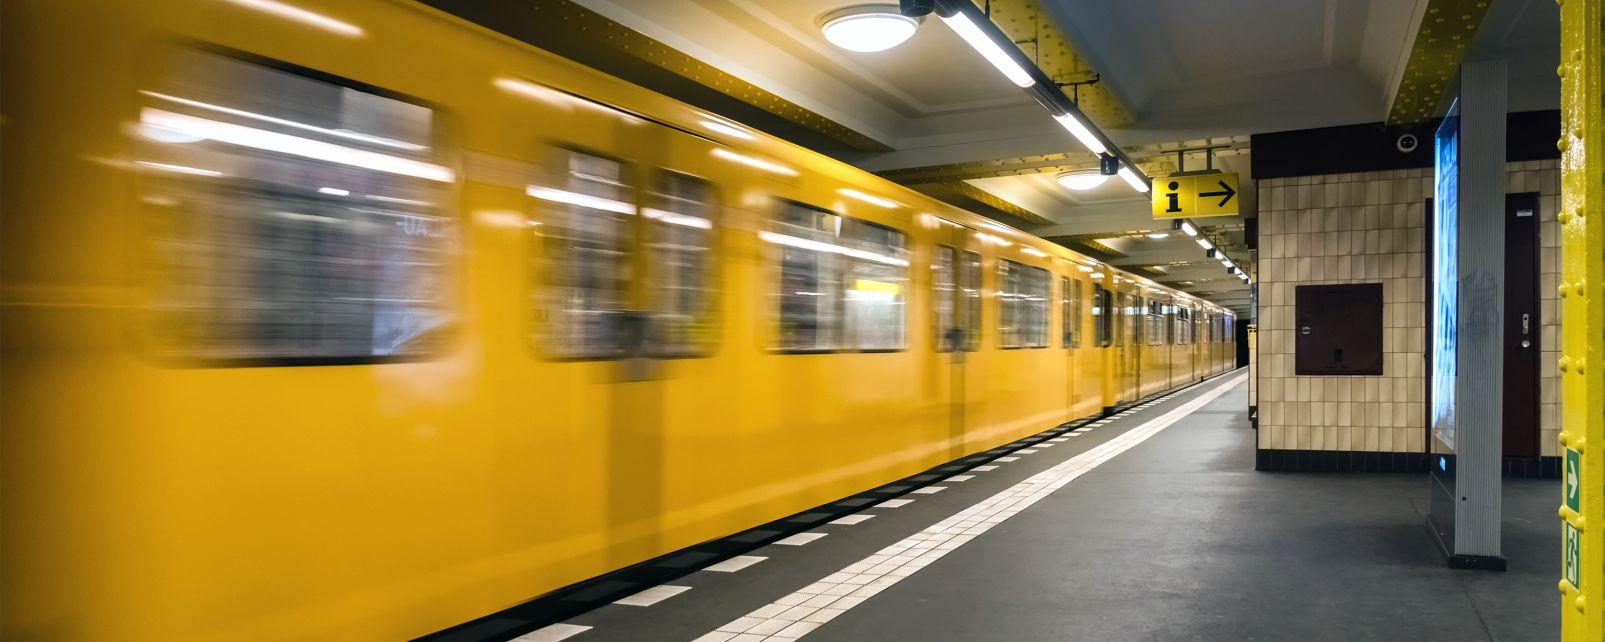 Los subterráneos de Berlín, Los monumentos, Berlín, Alemania